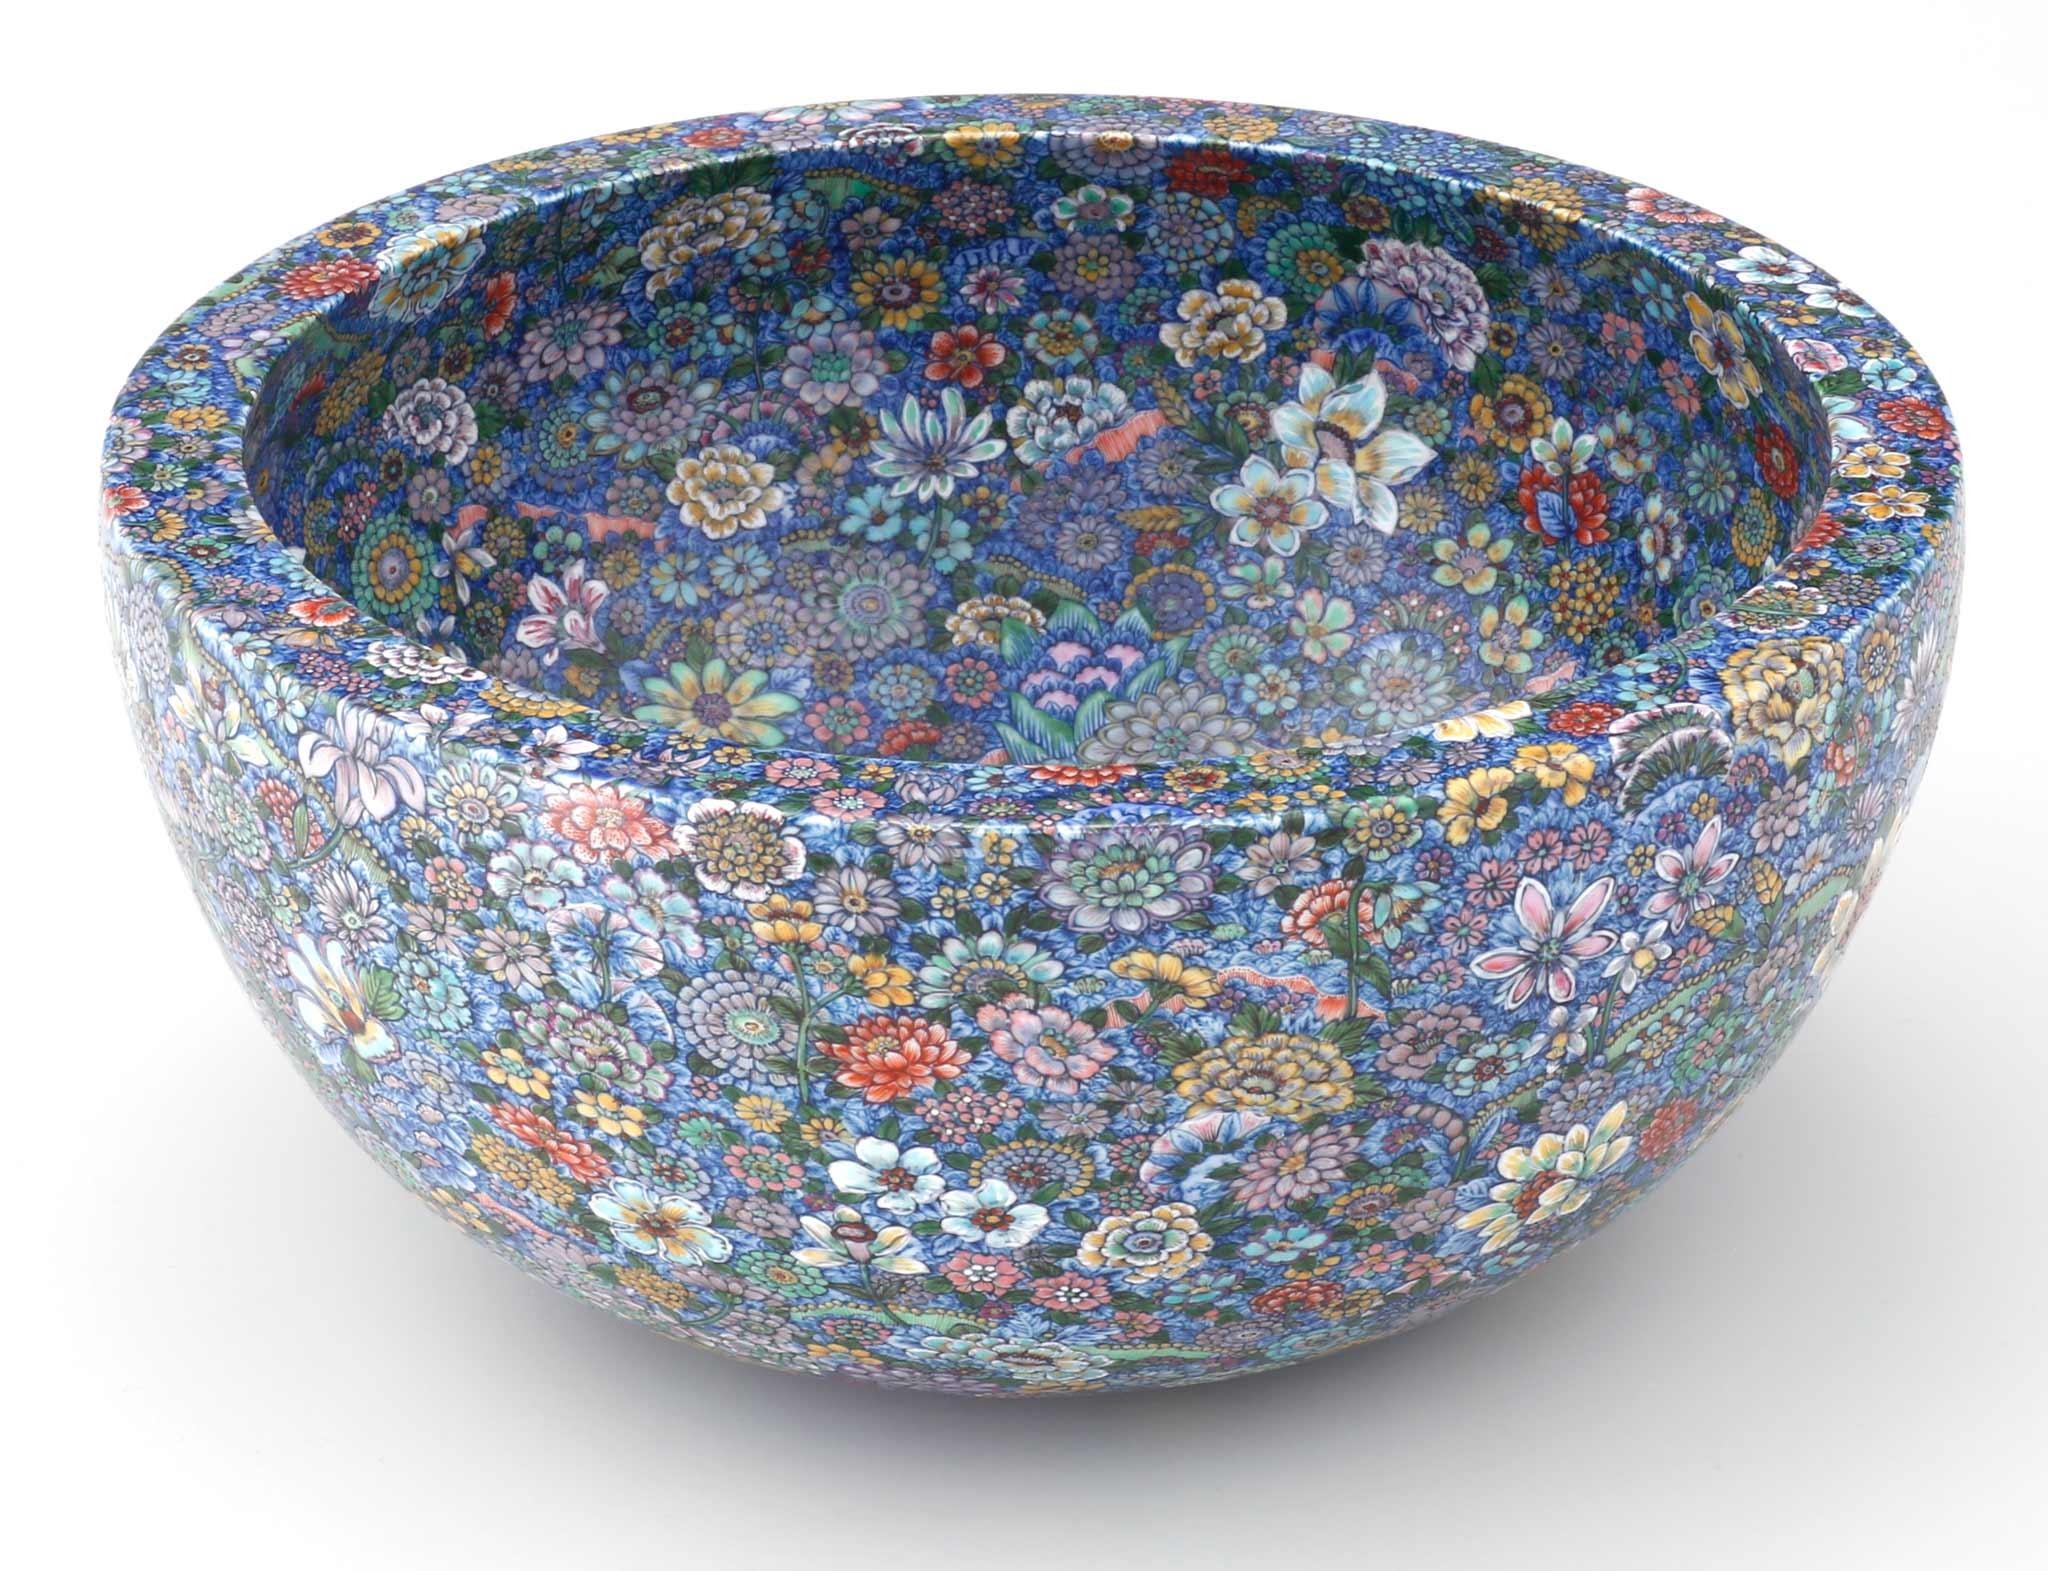 Bowl with 'Ten Thousand Flowers' Motif by Yuki Hayama.   Image courtesy of Joseph Carini Carpets.